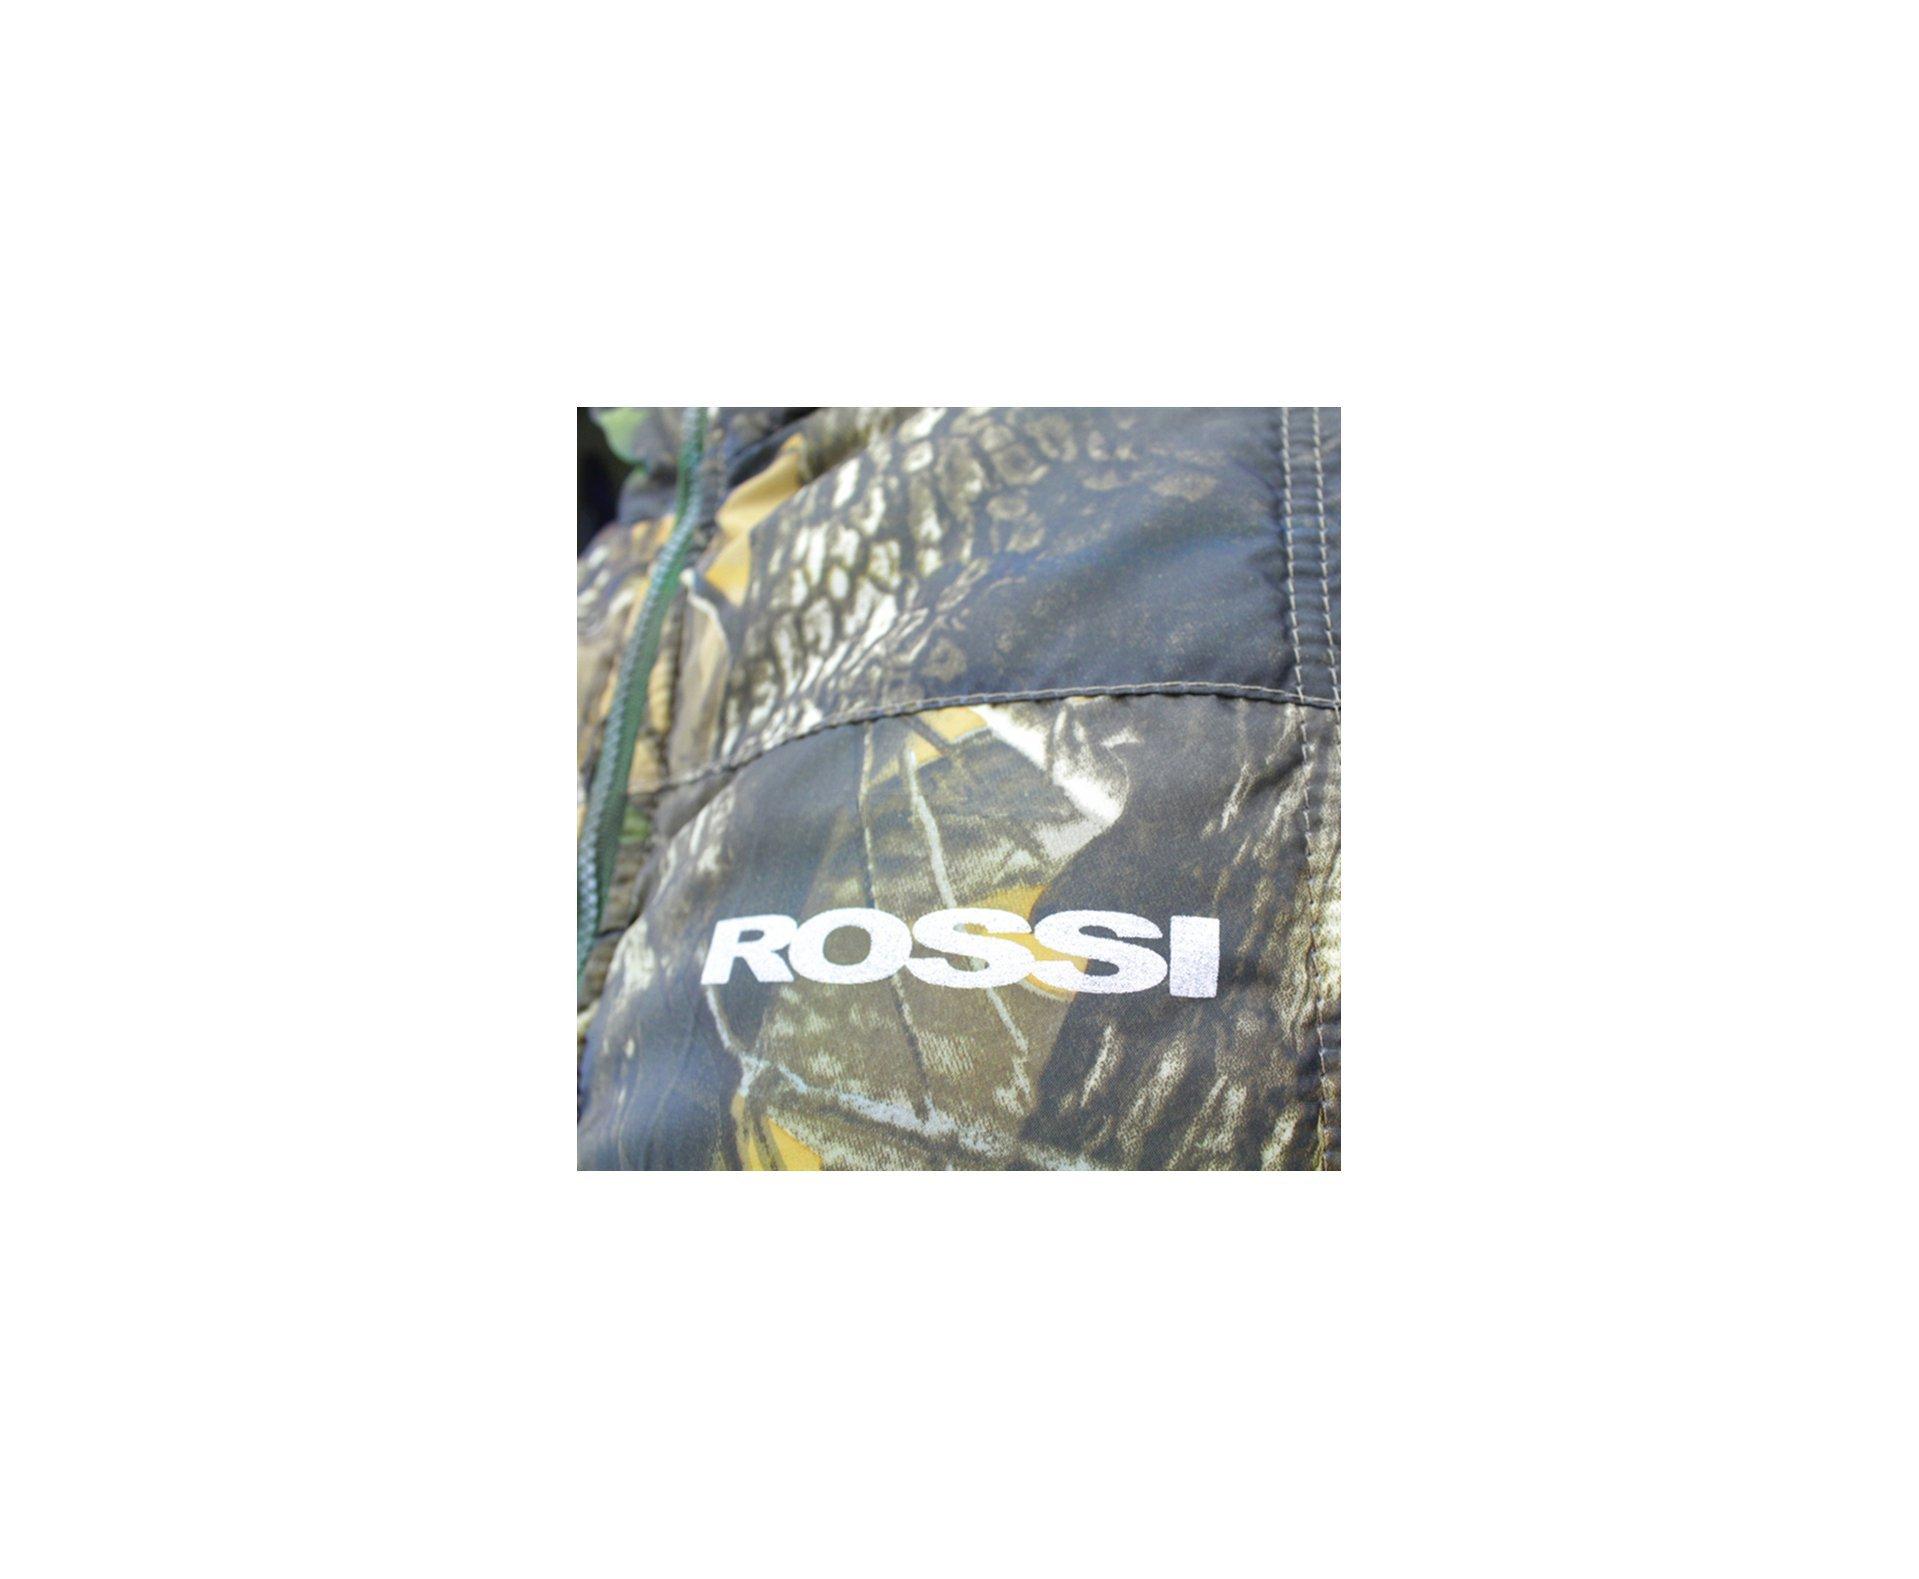 Colete Explorer Camuflado Folha Eg - Rossi